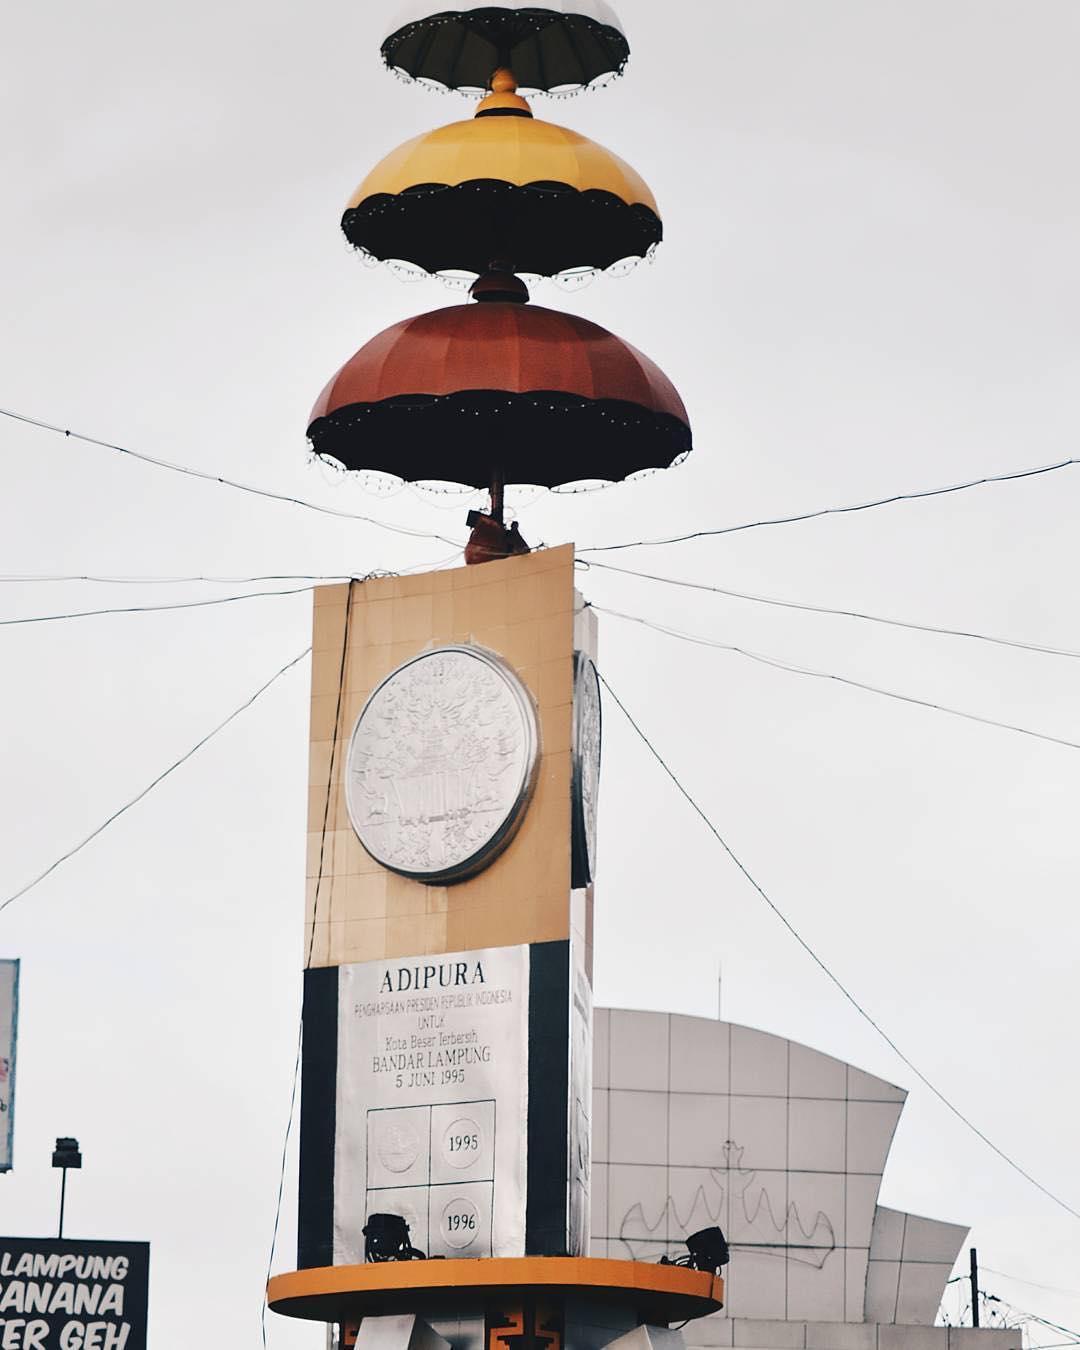 Tugu Adipura Terletak Zona Liputan Terkini Pusat Kota Bandar Lampung